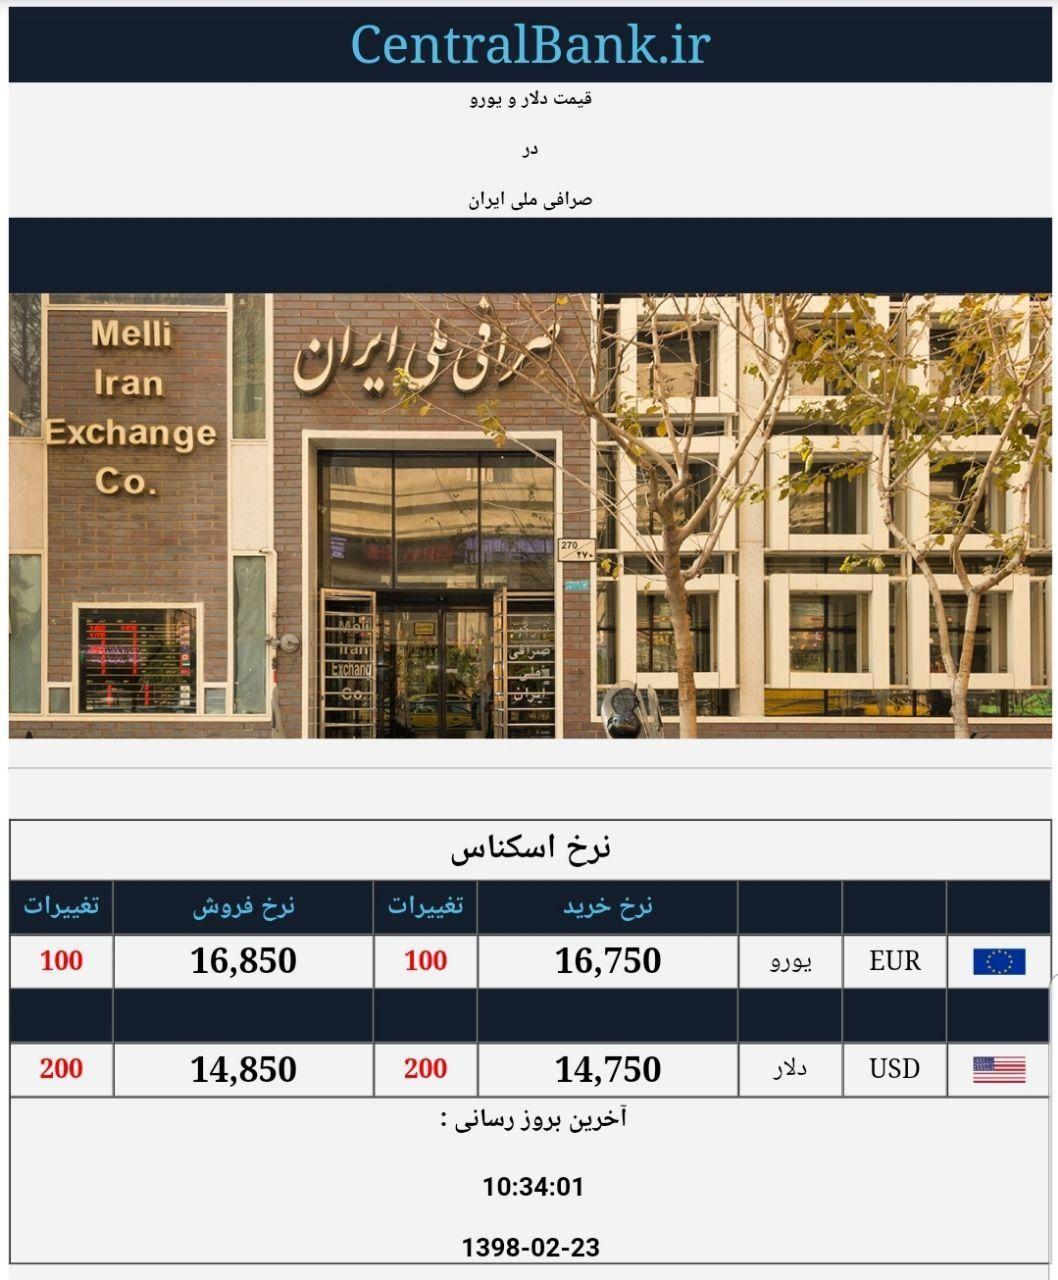 قیمت دلار و یورو در صرافی ملی امروز ۱۳۹۸/۰۲/۲۳